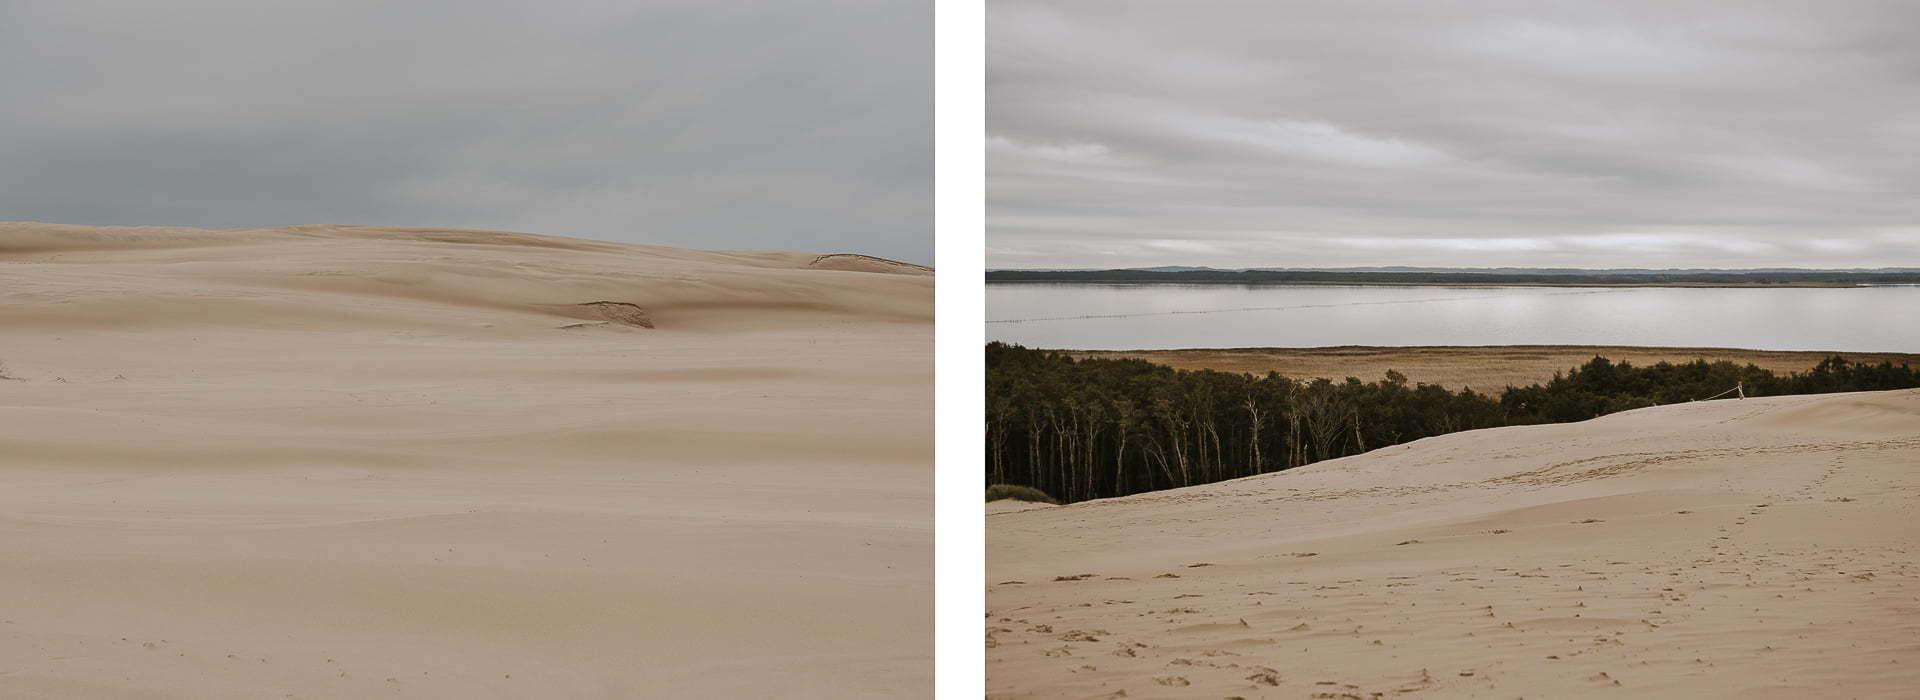 Miejsca, które warto zobaczyć wPolsce - wydmy Łeba